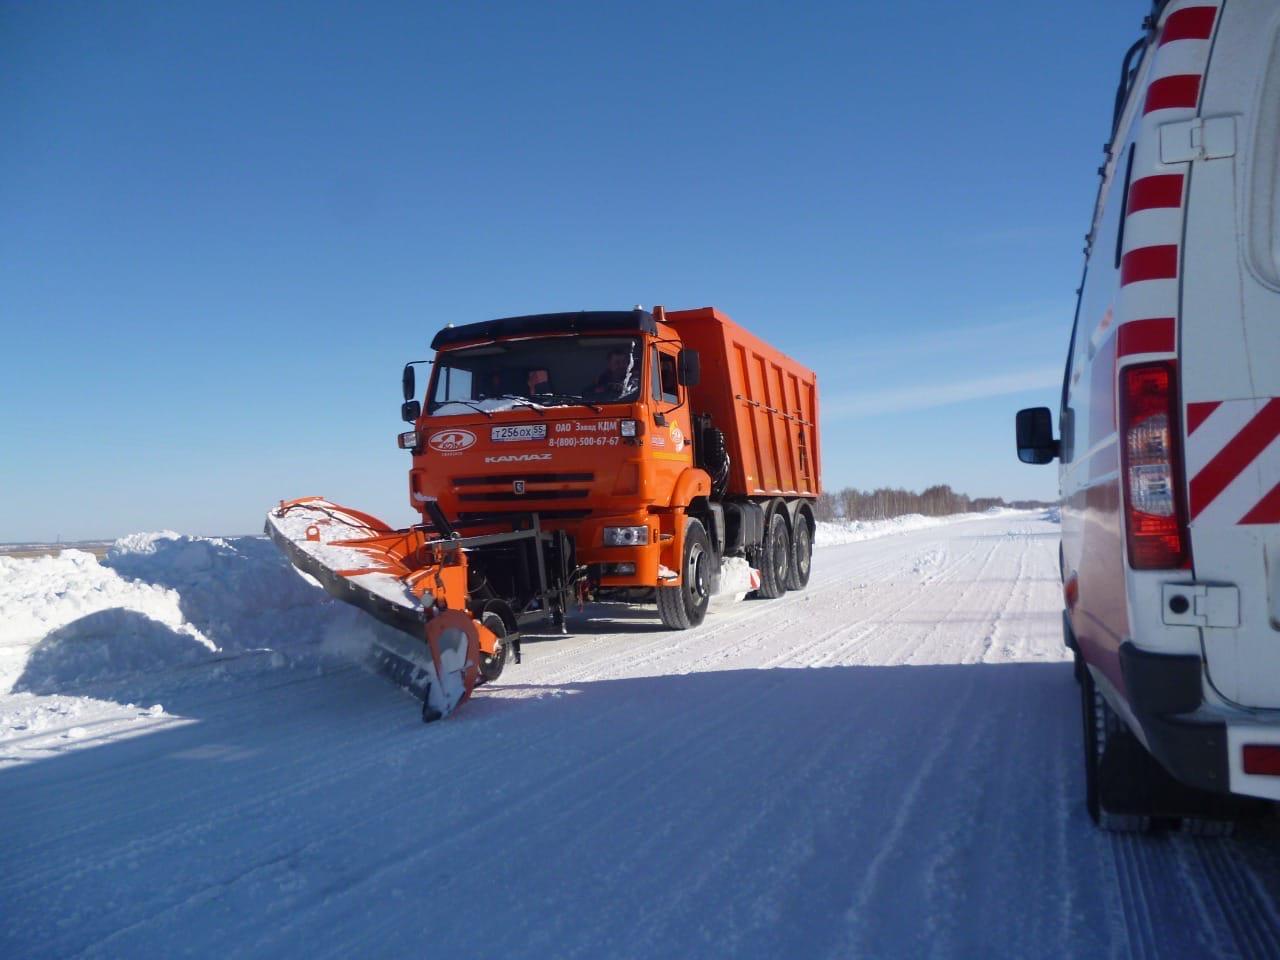 В Омске заканчиваются бесплатные талоны на вывоз снега #Омск #Общество #Сегодня